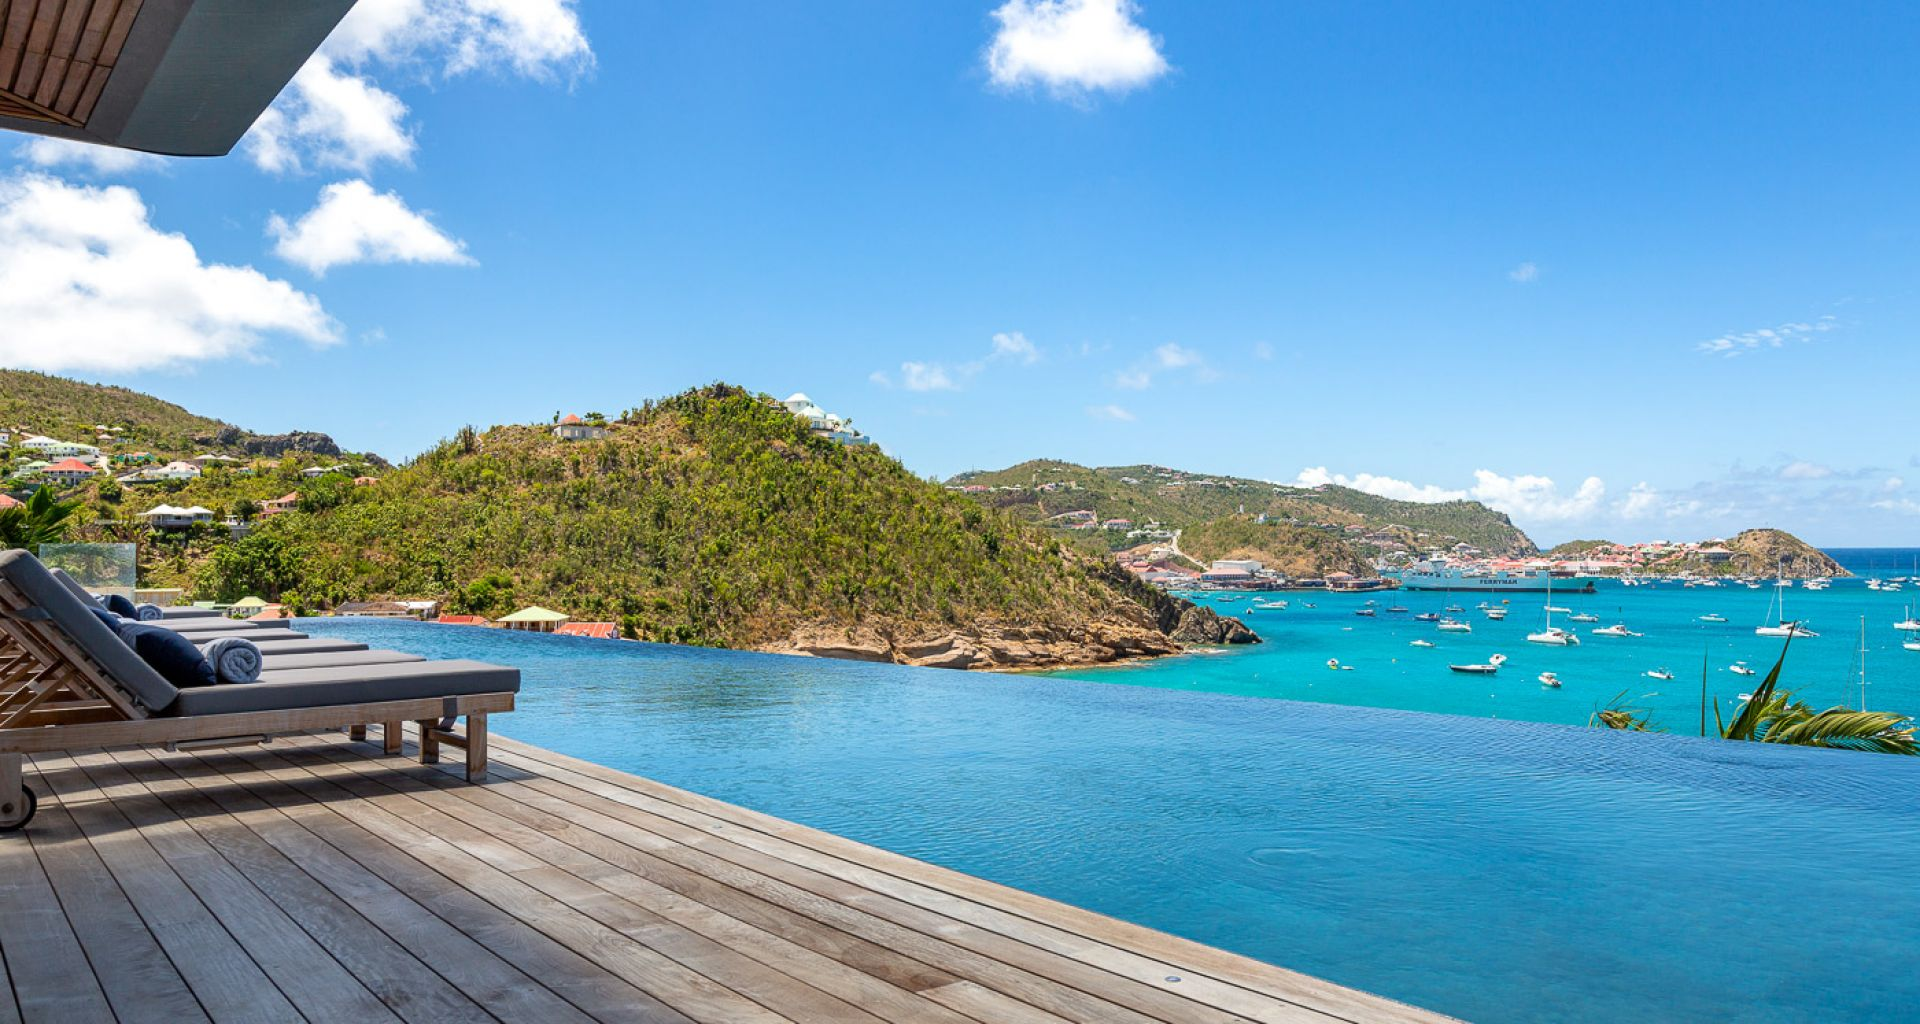 Villa June, St-Barts, Caribbean